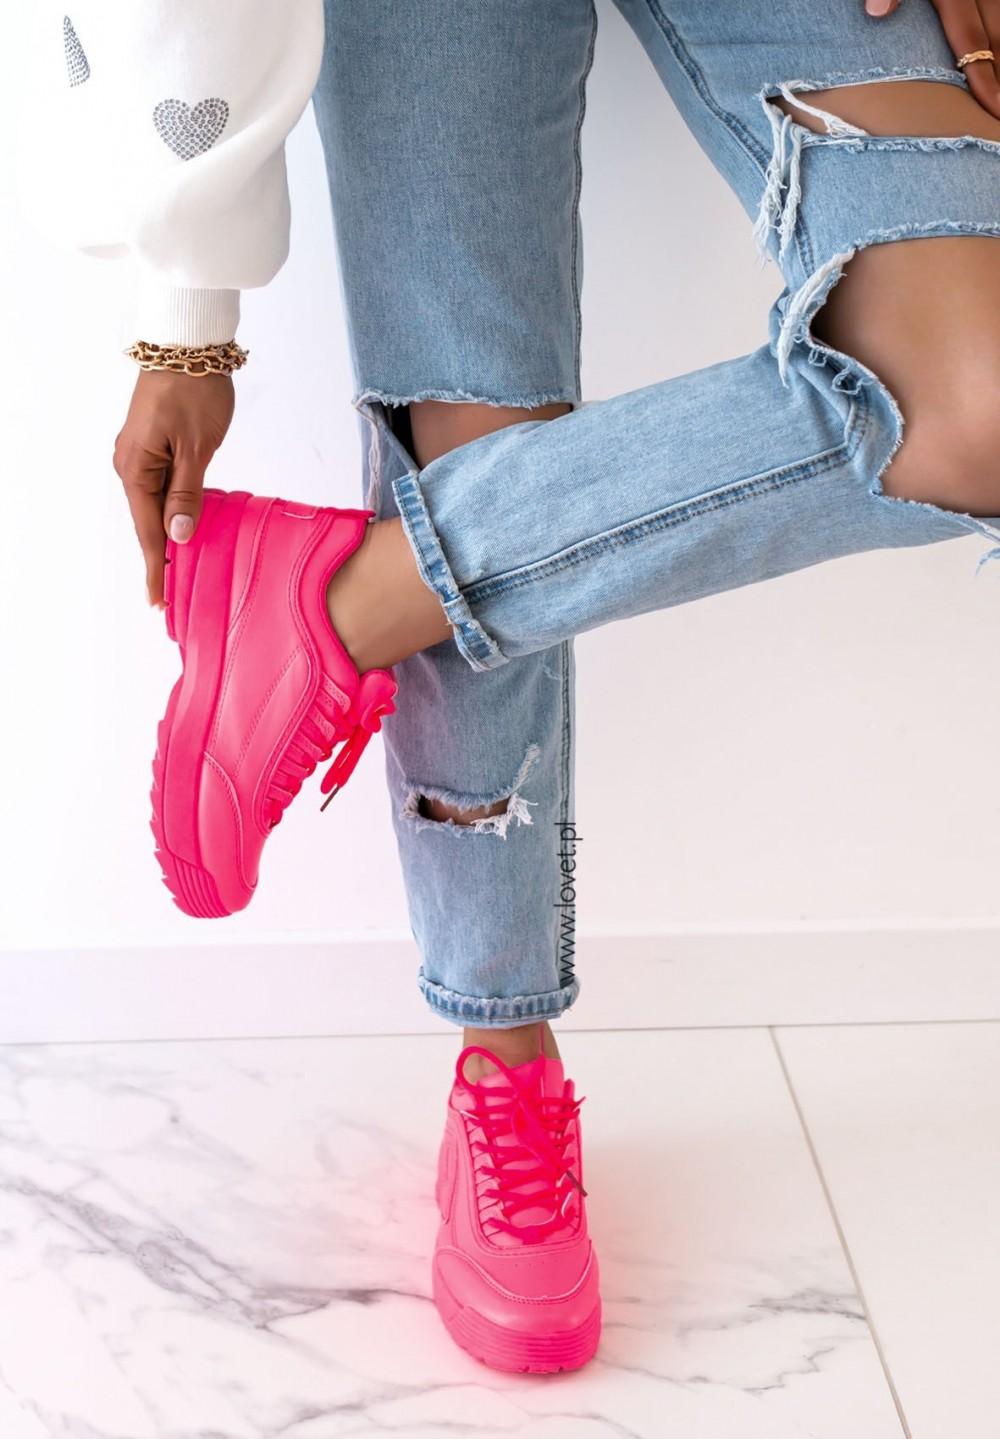 Trampki Sportowe Sneakersy Neonowy Różowy Libby